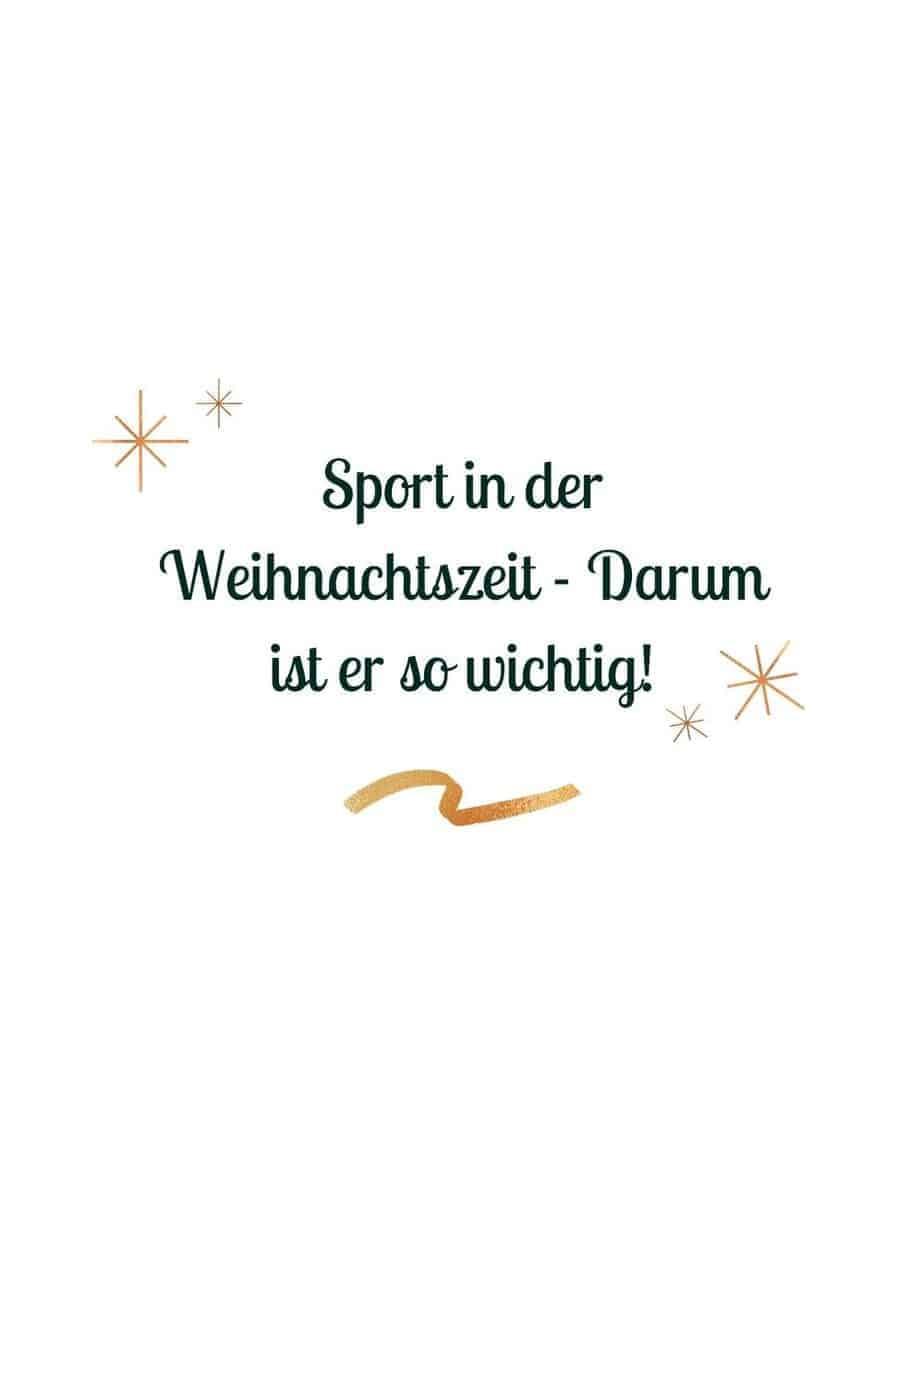 Warum #Weihnachten die perfekte Gelegenheit für dein #Training ist und wie du im #Advent deinen #Körper und Geist auf neue Levels bringst! Hier kommen die besten Gründe für #Sport im #Winter.